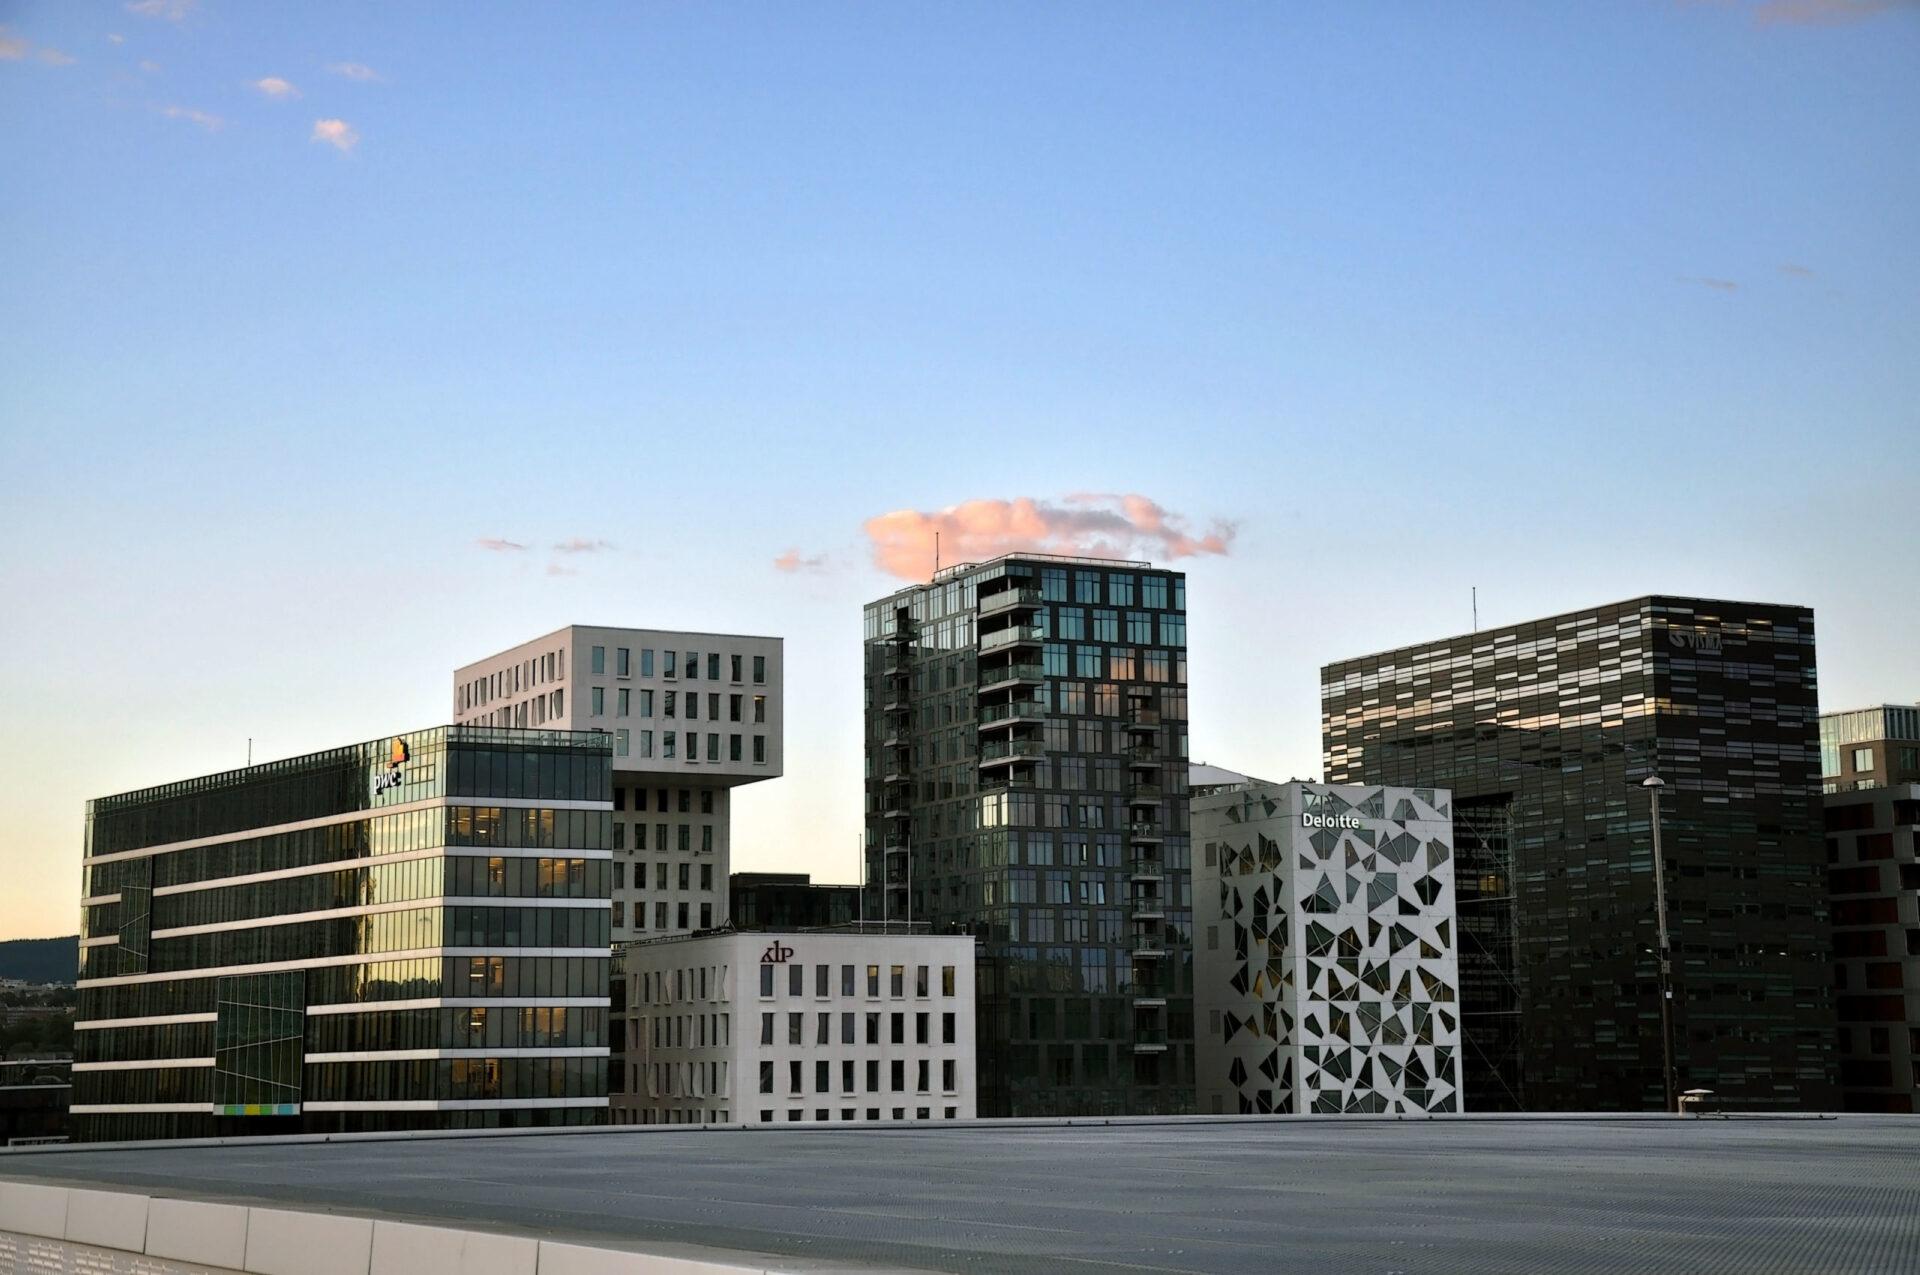 Норвегия: Осло